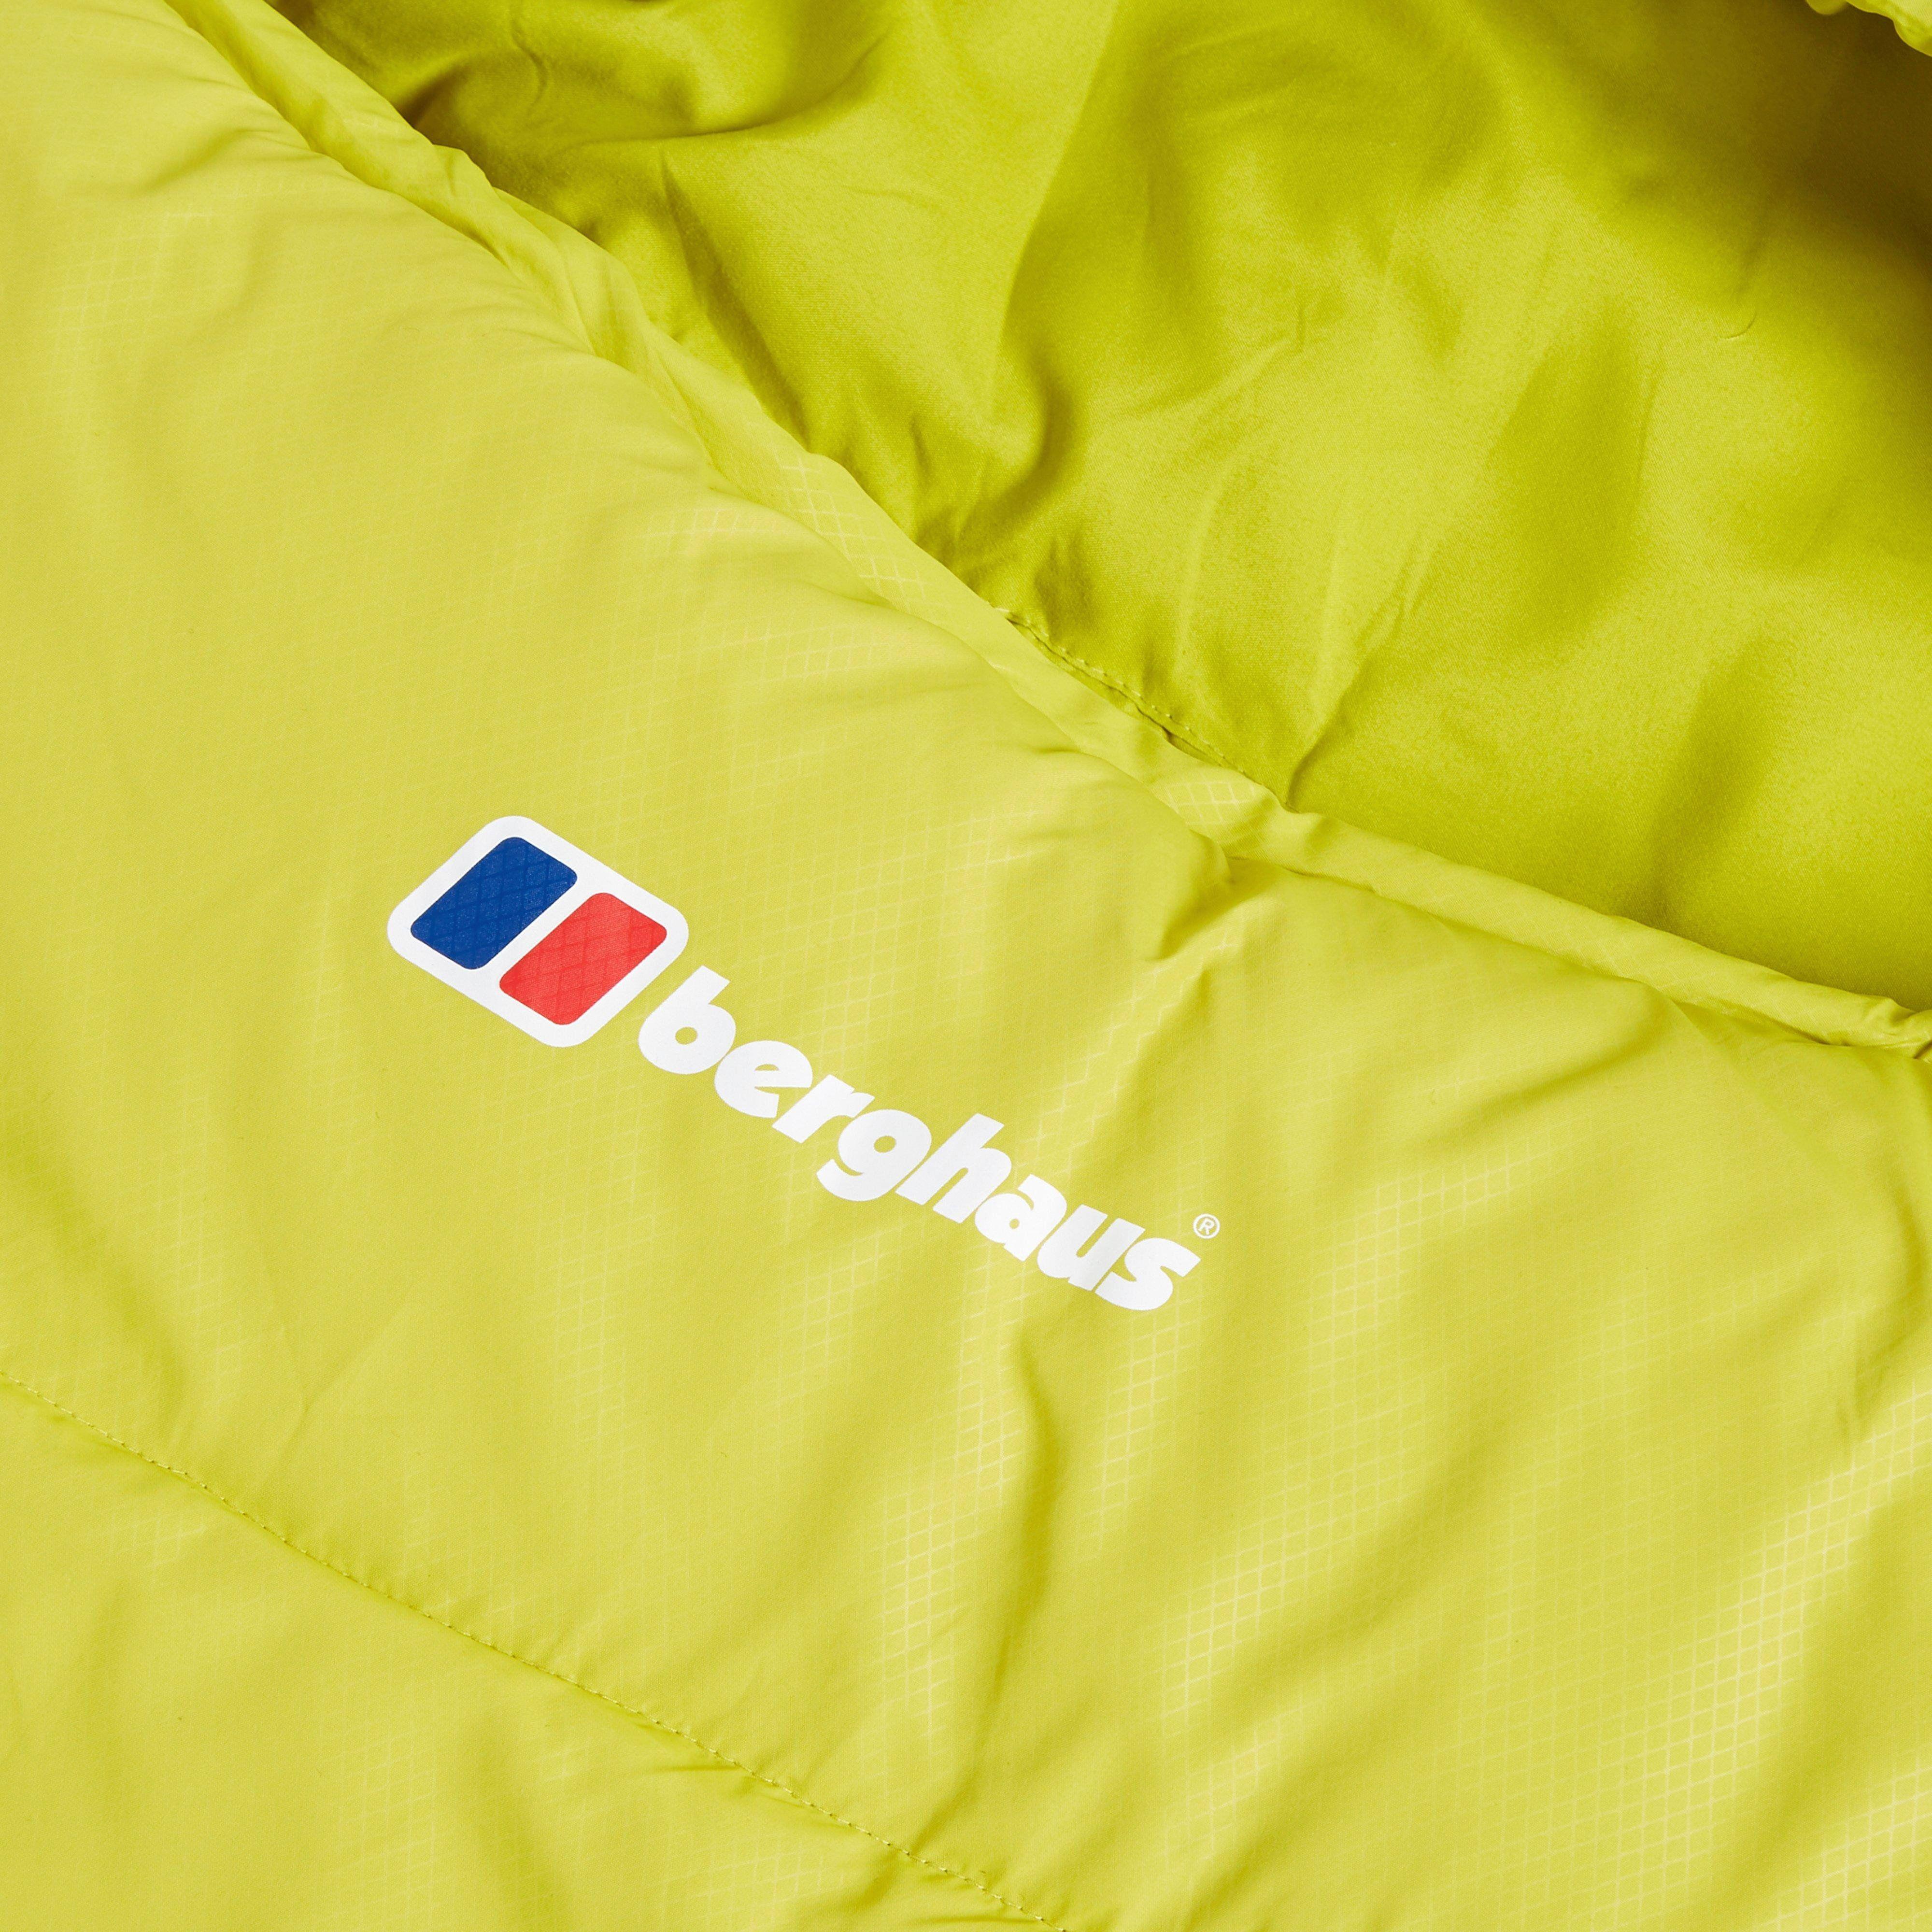 Berghaus Transition 300 Sleeping Bag